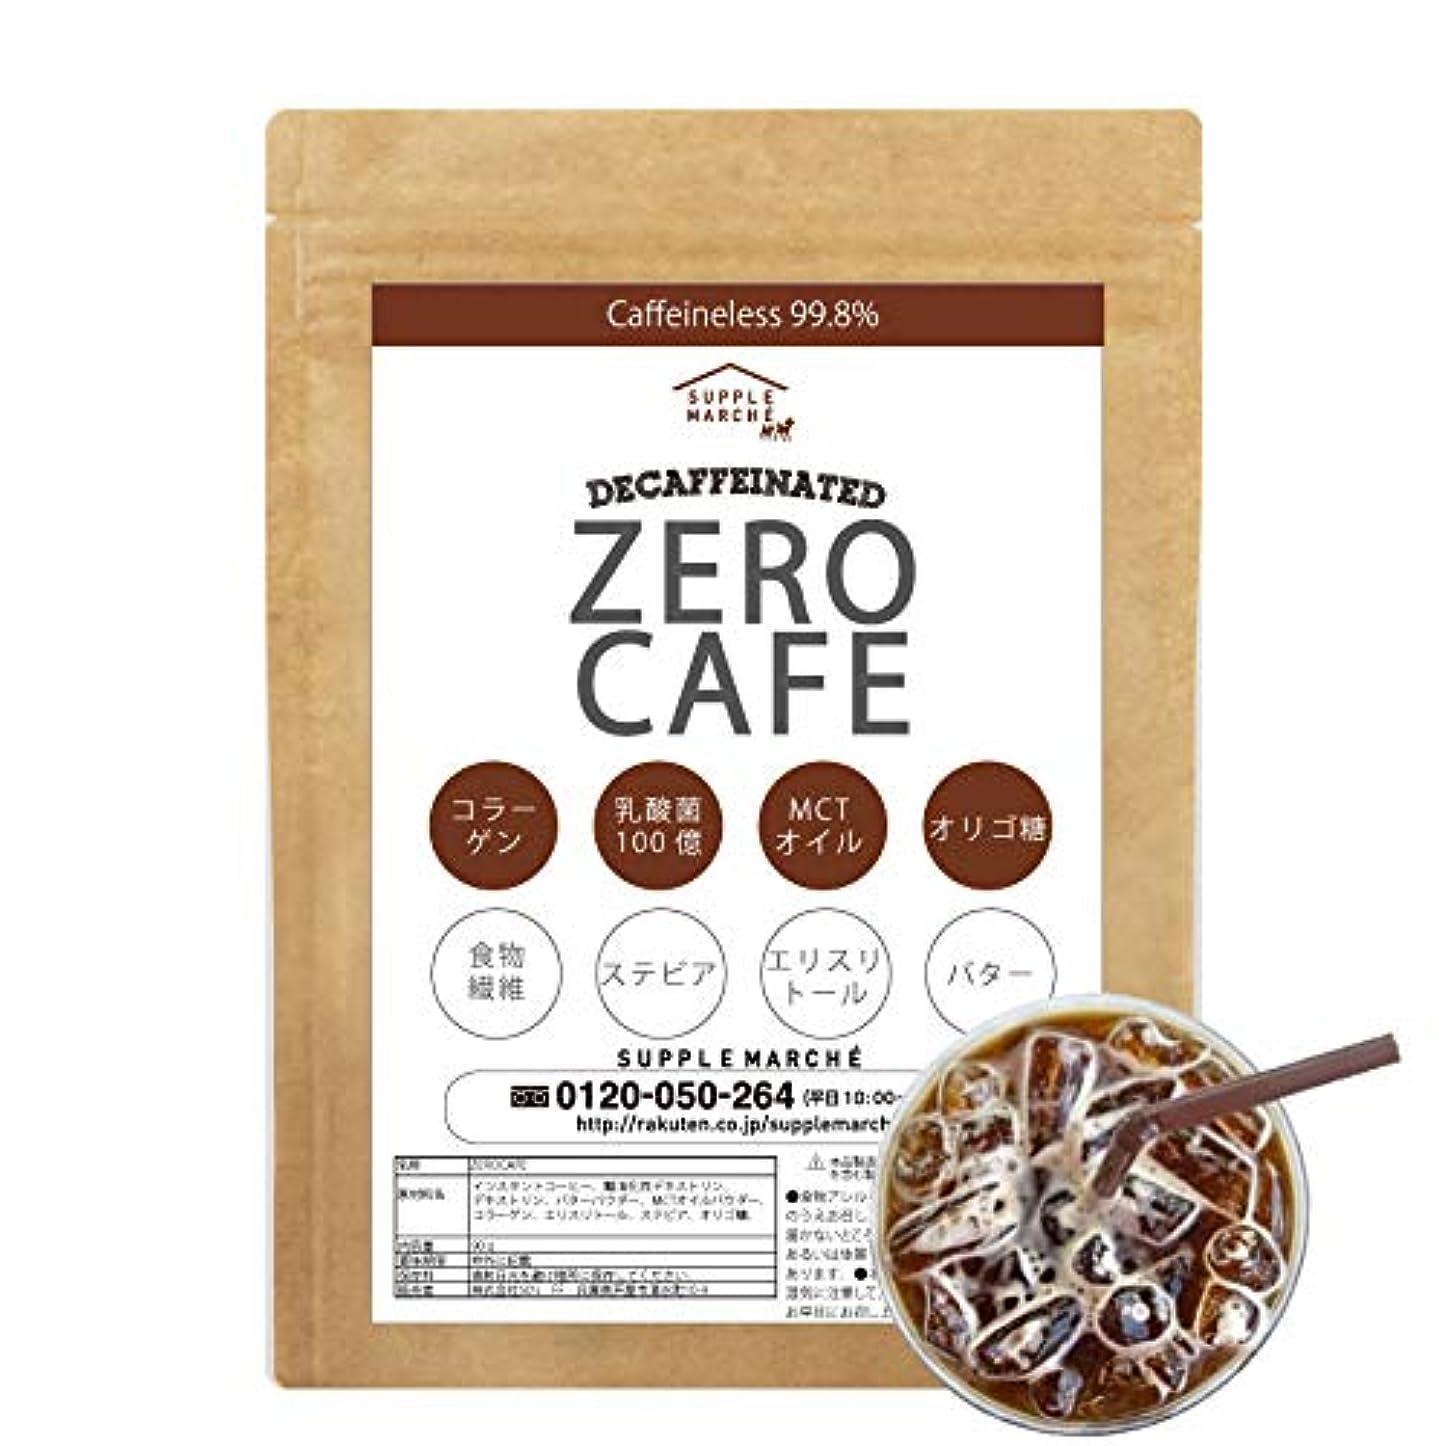 泣き叫ぶ支店ダイエットコーヒー デカフェ バターコーヒー 90g (約30杯) アイスコーヒー カフェインレス MCTオイル 乳酸菌 コラーゲン オリゴ糖 ダイエット シリコンバレー式